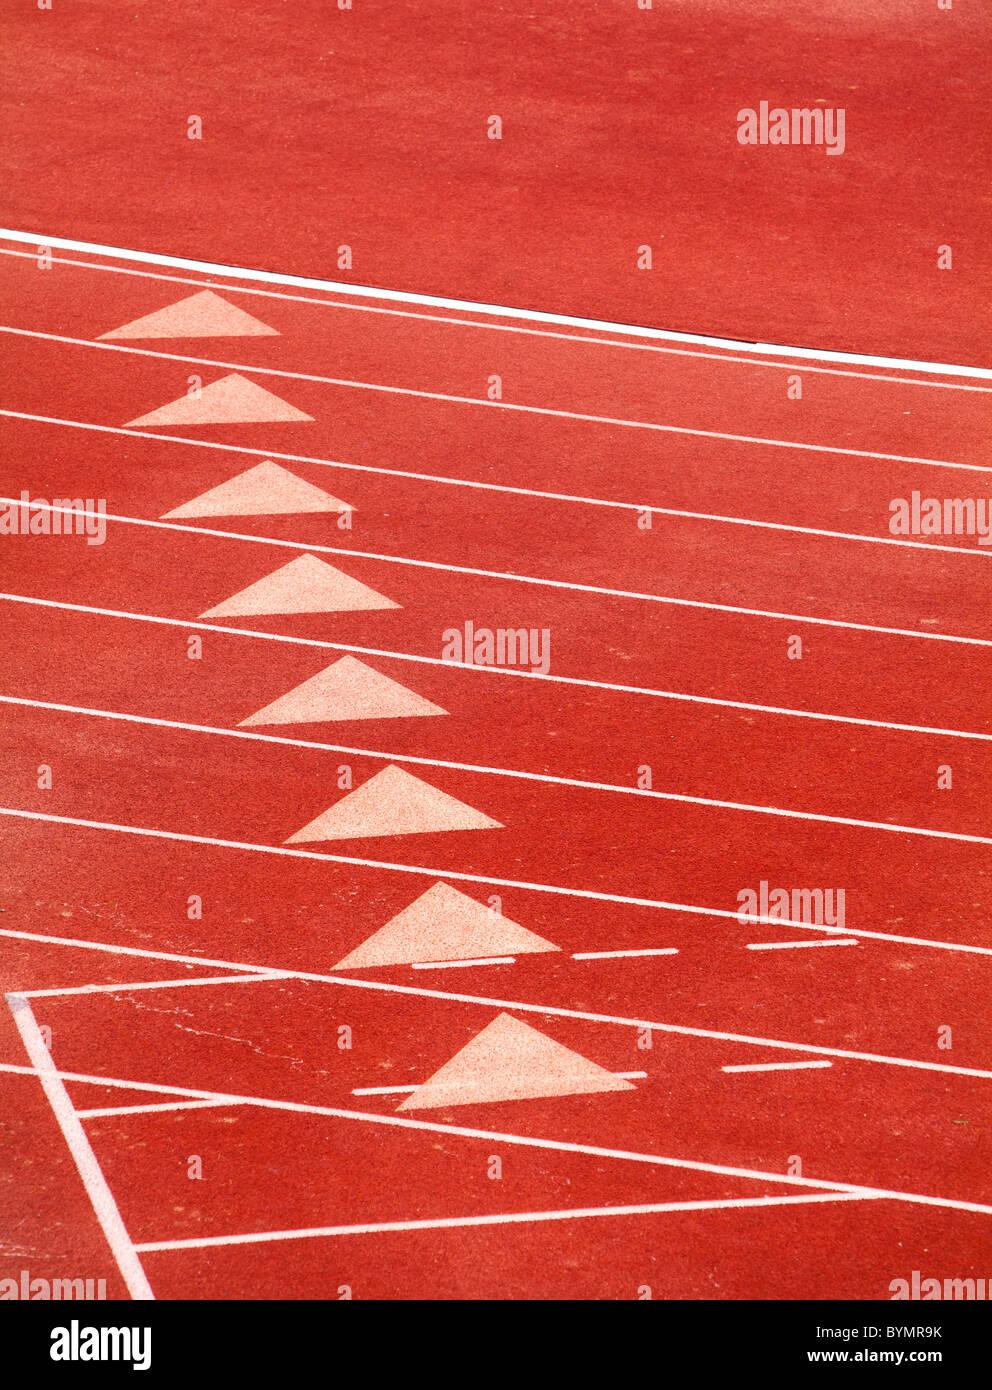 La línea de partida en una pista roja Imagen De Stock